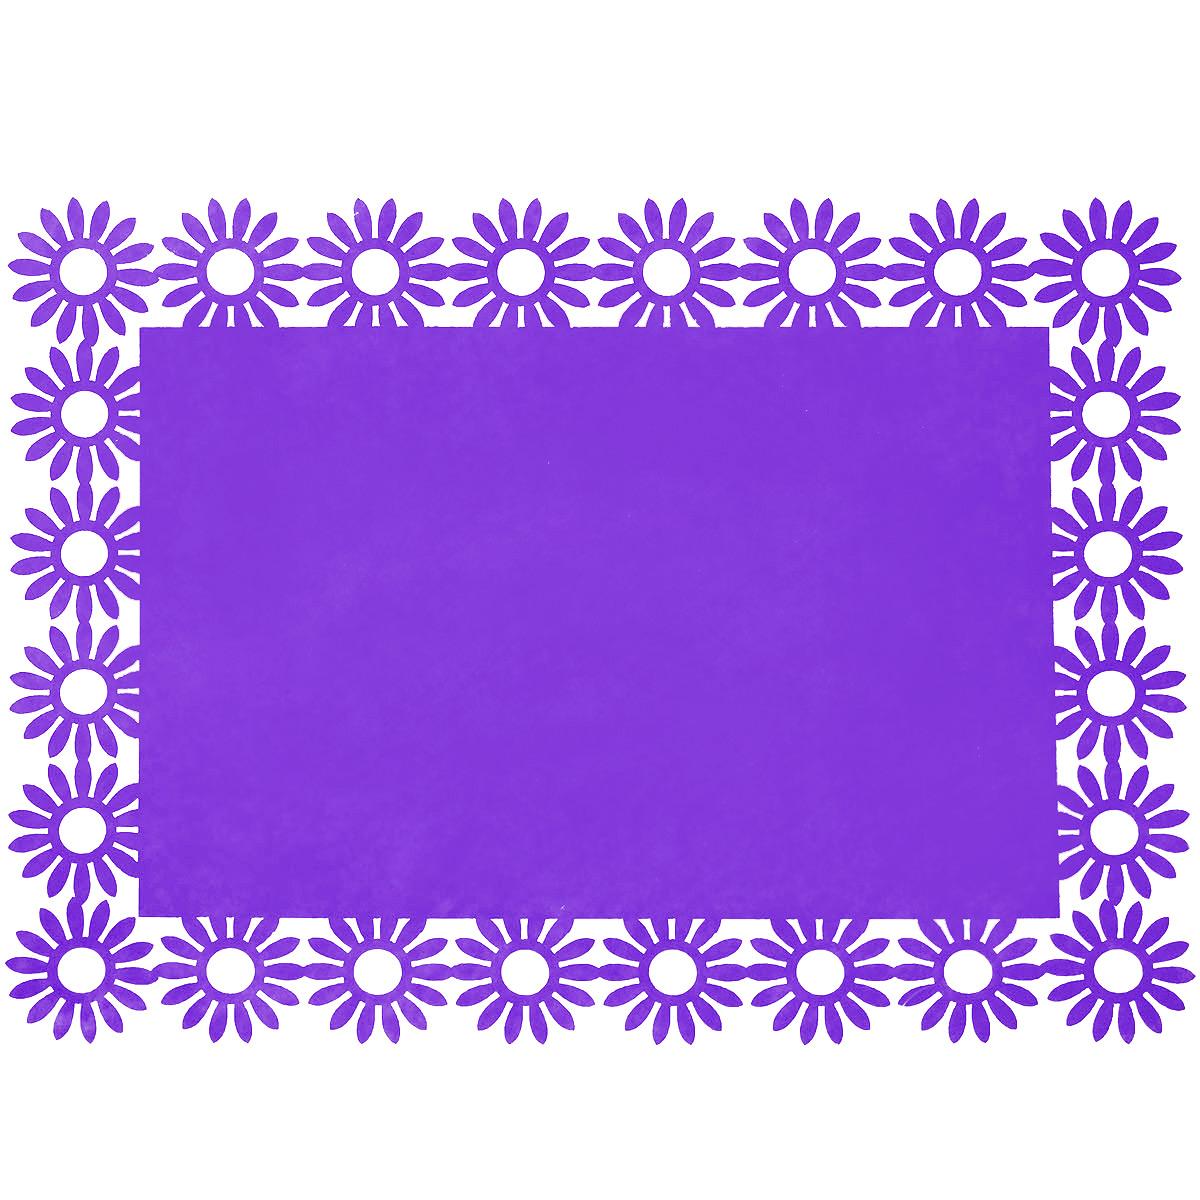 Салфетка Home Queen Веселый праздник, цвет: фиолетовый, 30 см х 40 см х 0,2 см66843_2Прямоугольная салфетка Home Queen Веселый праздник выполнена из фетра и имеет красивую перфорацию по краям.Вы можете использовать салфетку для декорирования стола, комода, журнального столика. В любом случае она добавит в ваш дом стиля, изысканности и неповторимости и убережет мебель от царапин и потертостей. Размер салфетки: 30 см х 40 см х 0,2 см.